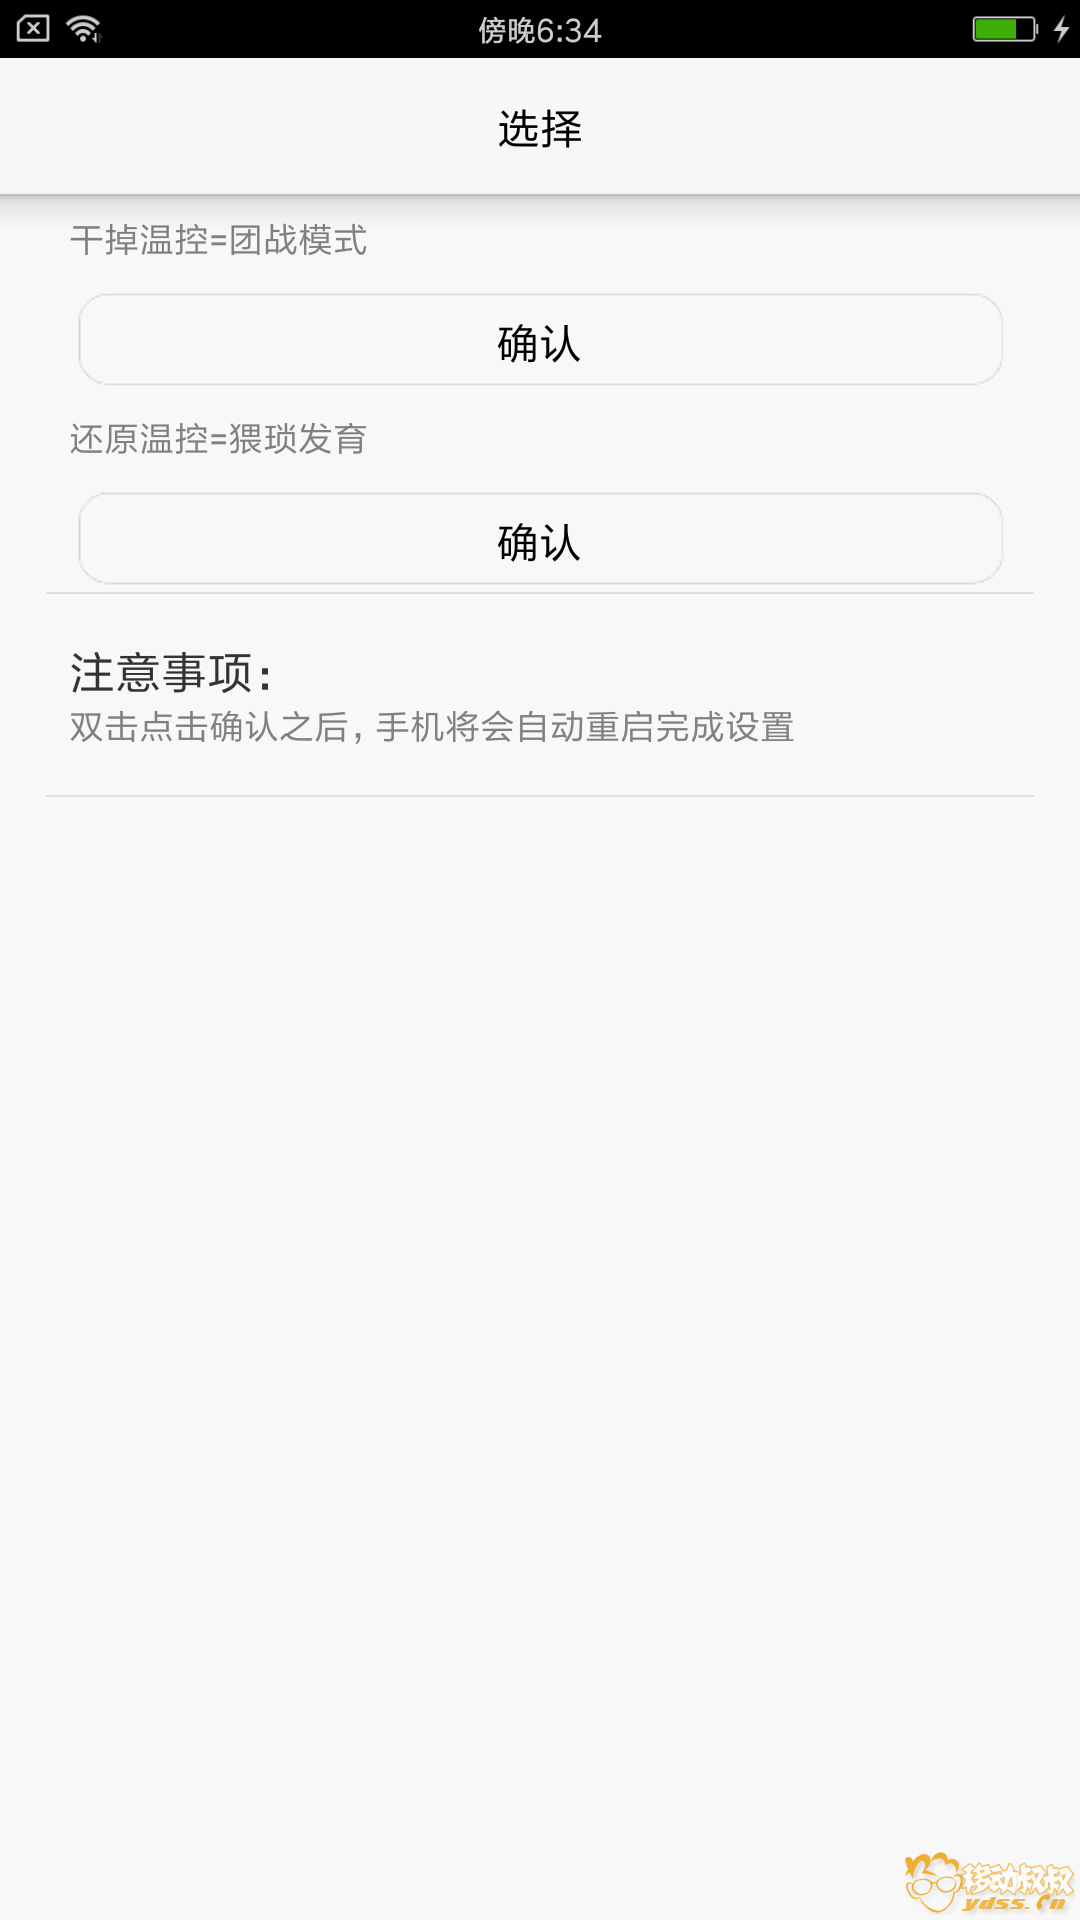 Screenshot_2017-12-30-18-34-49-031_com.makelove.settings.png